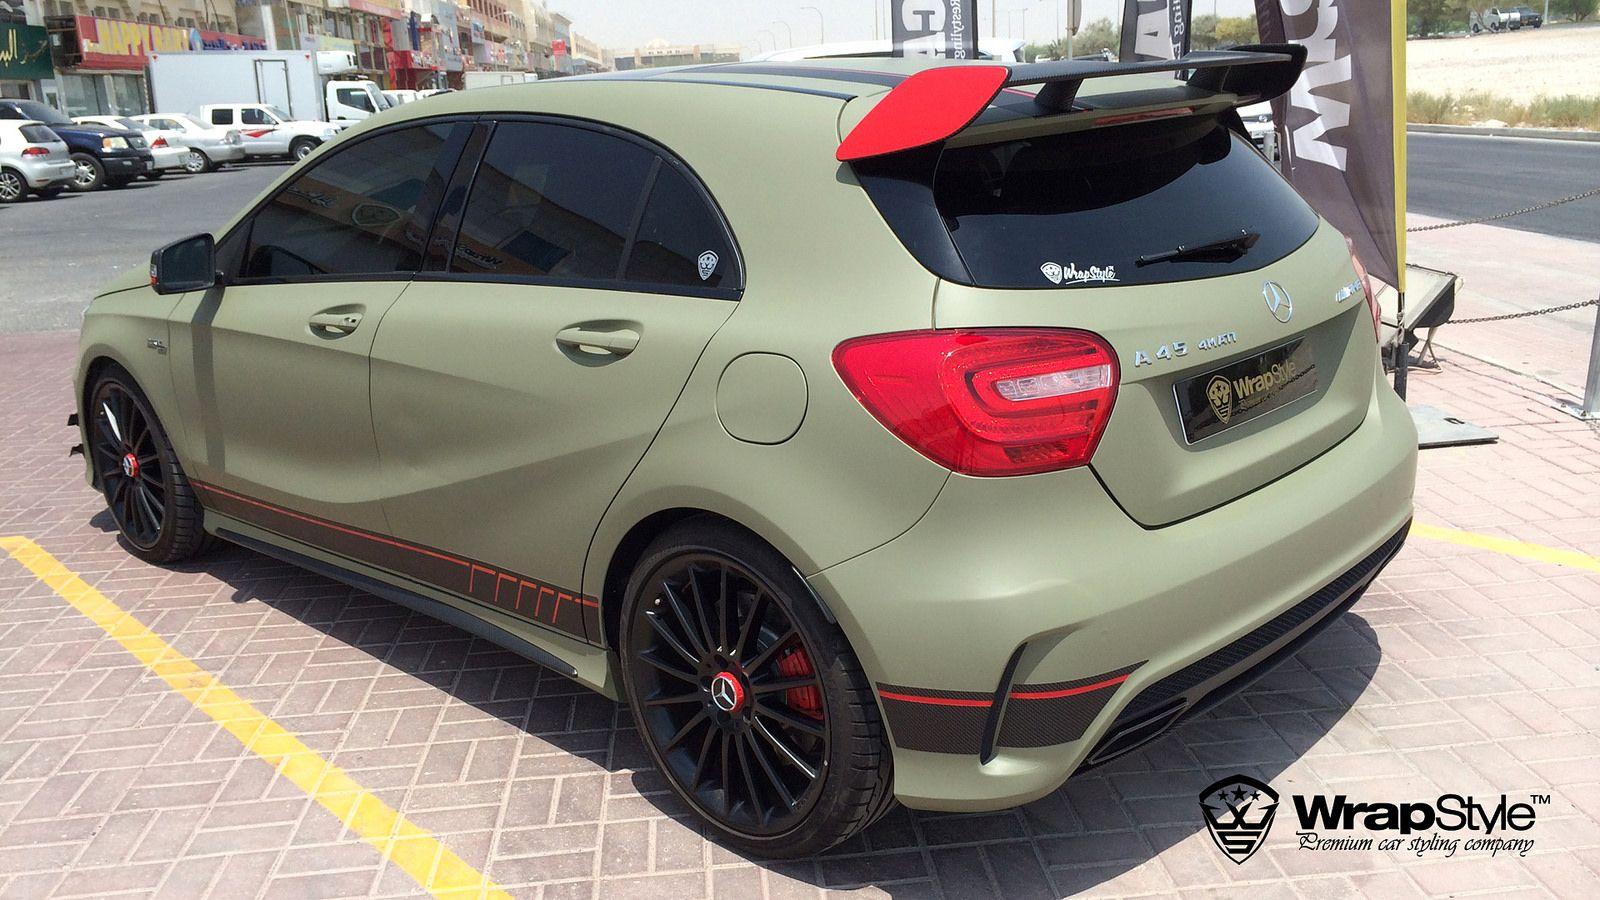 Mercedes a45 combat green 03 wrapstyle car wrap foil 10 47 48 flickr photo